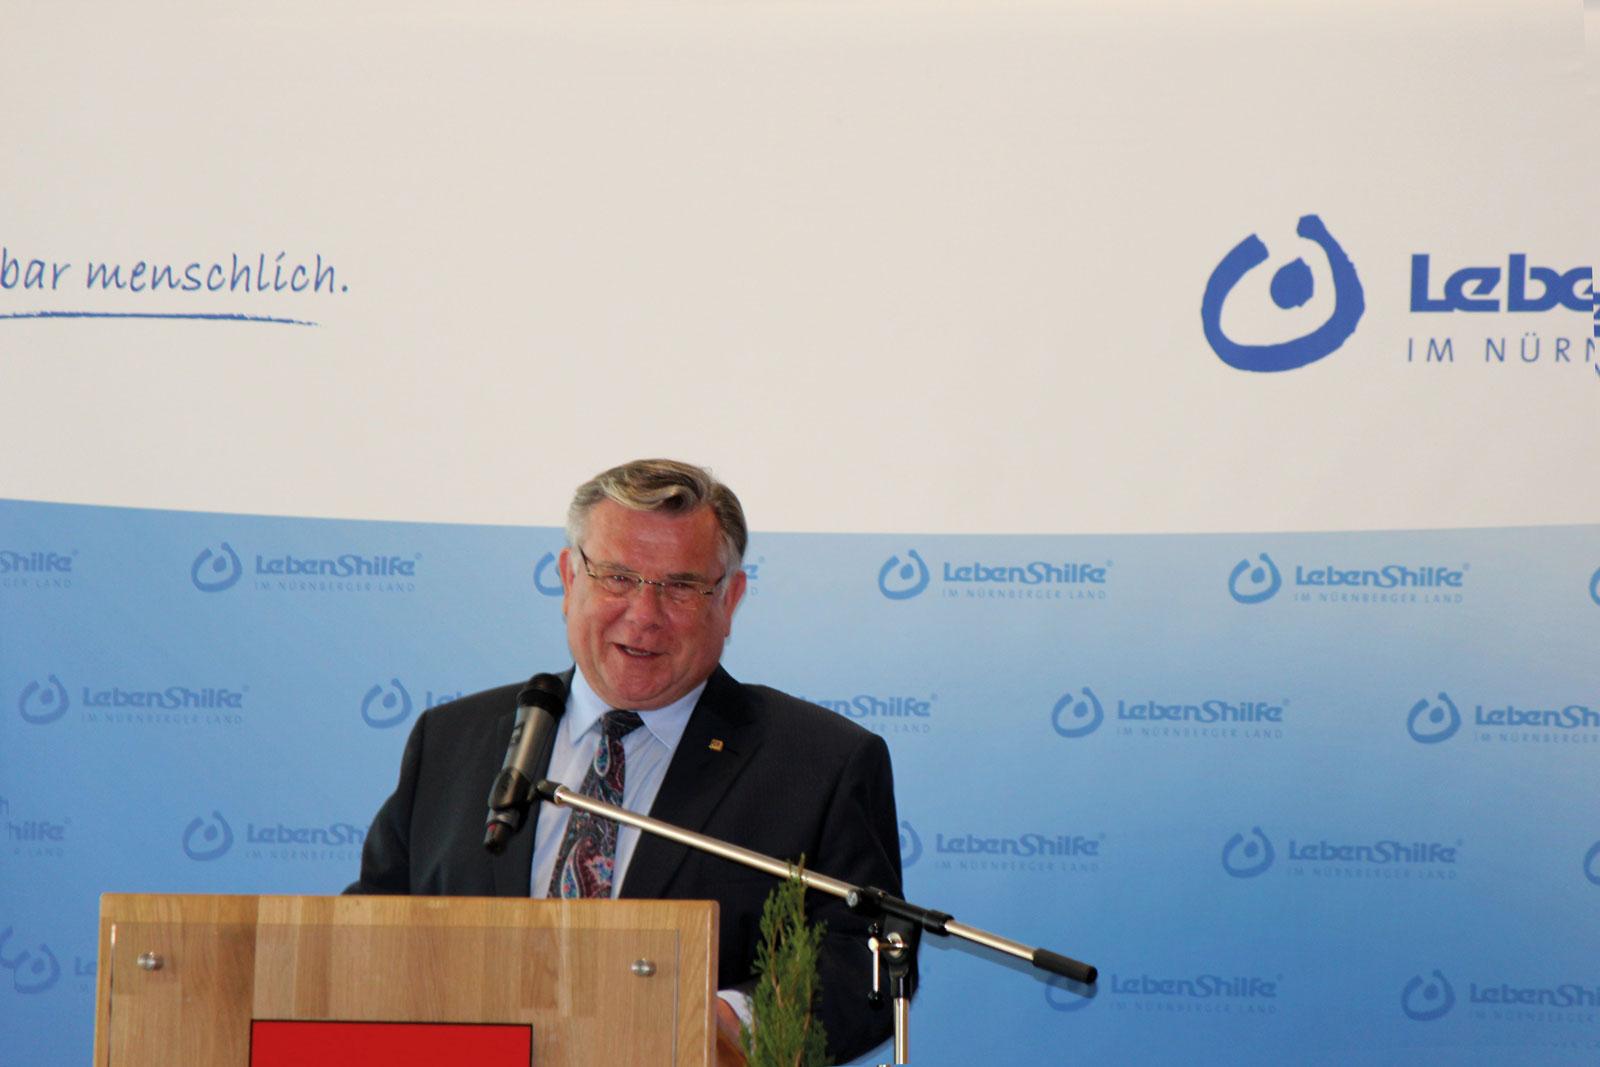 Lebenshilfe Nürnberger Land-Chef John wurde auf der Mitgliederversammlung der Lebenshilfe Bayern erneut zum stellvertretenden Vorsitzenden gewählt.